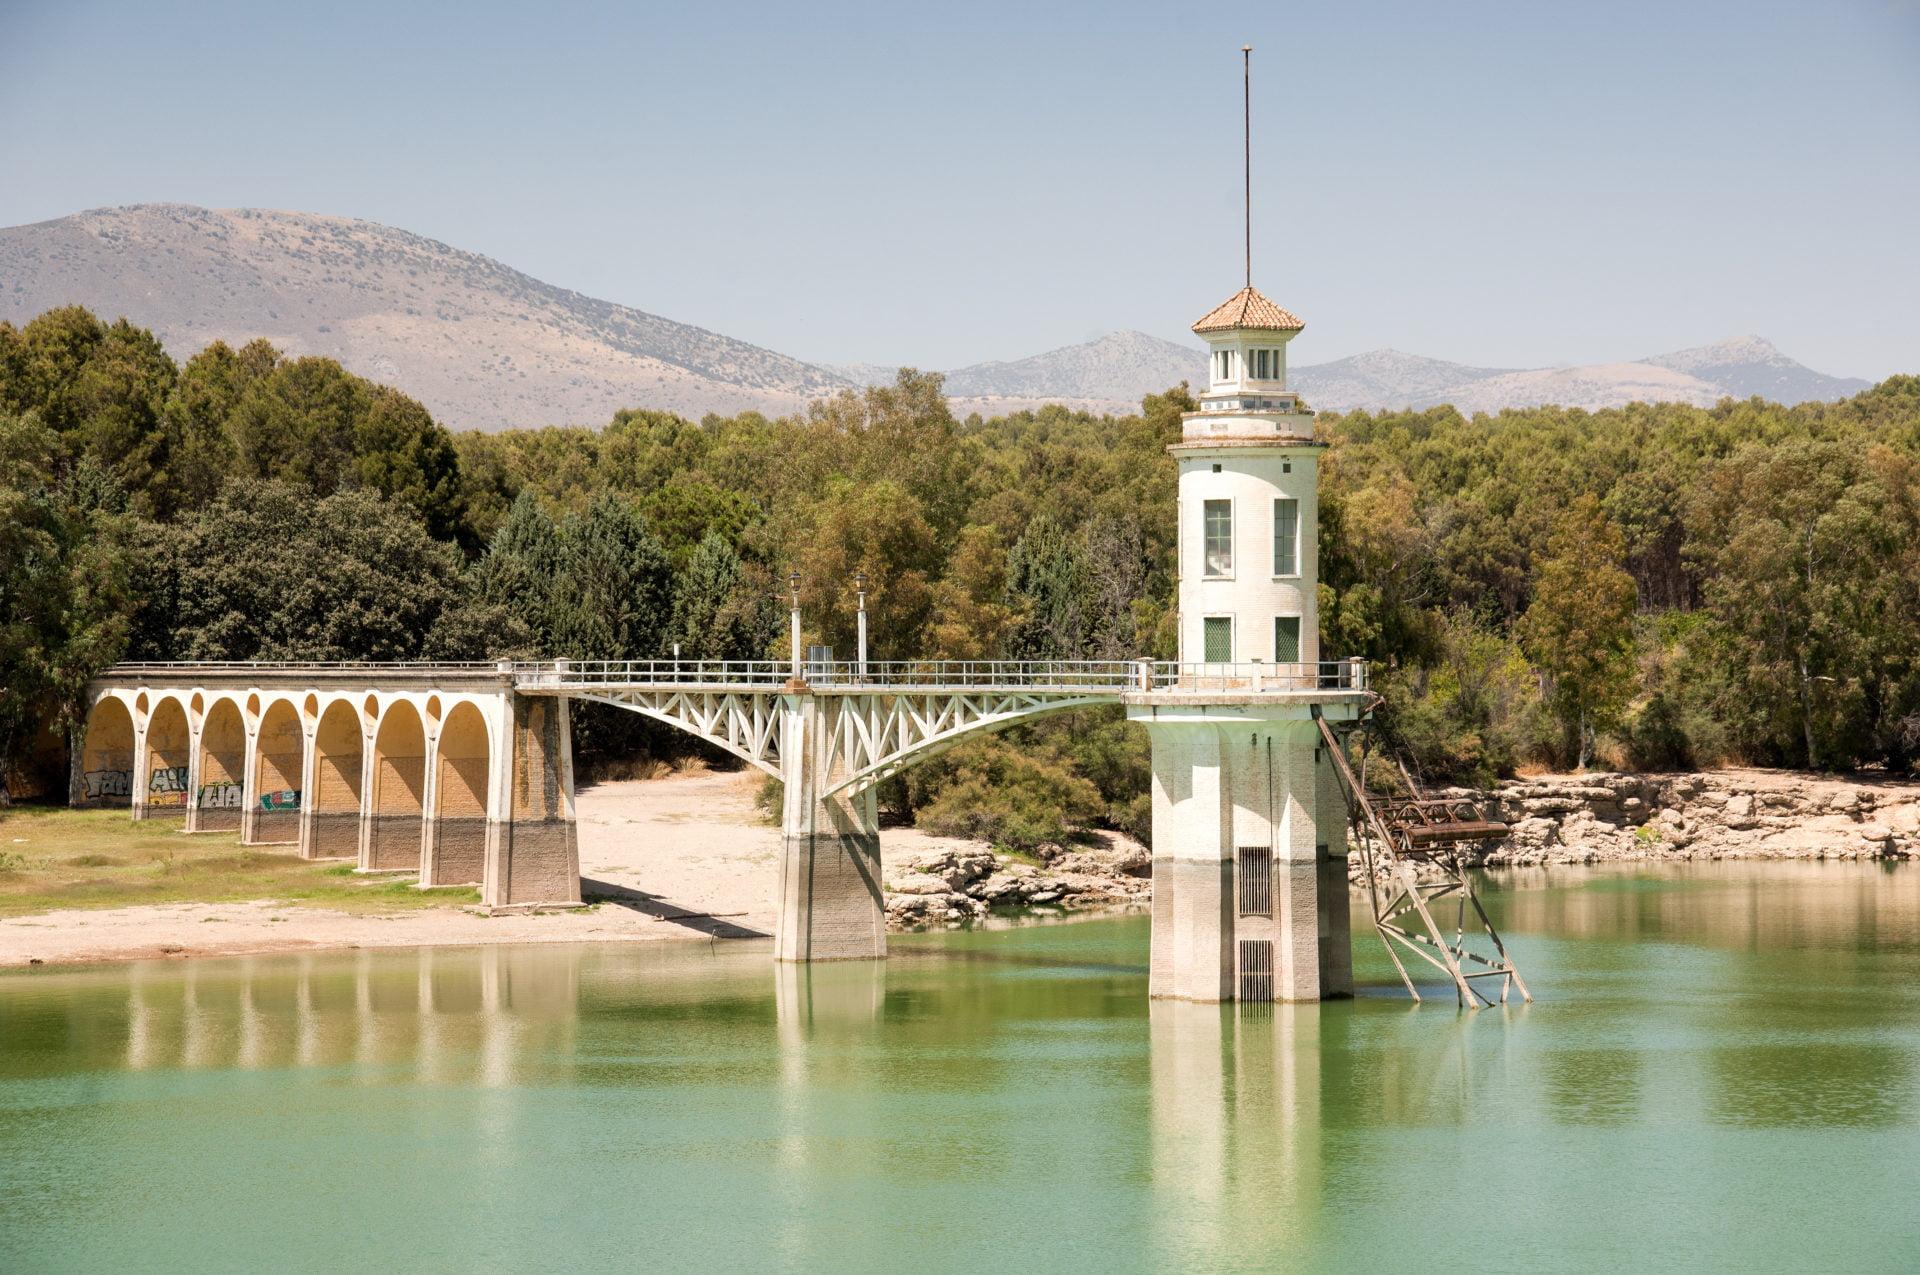 Prachtig meer vlakbij Granada